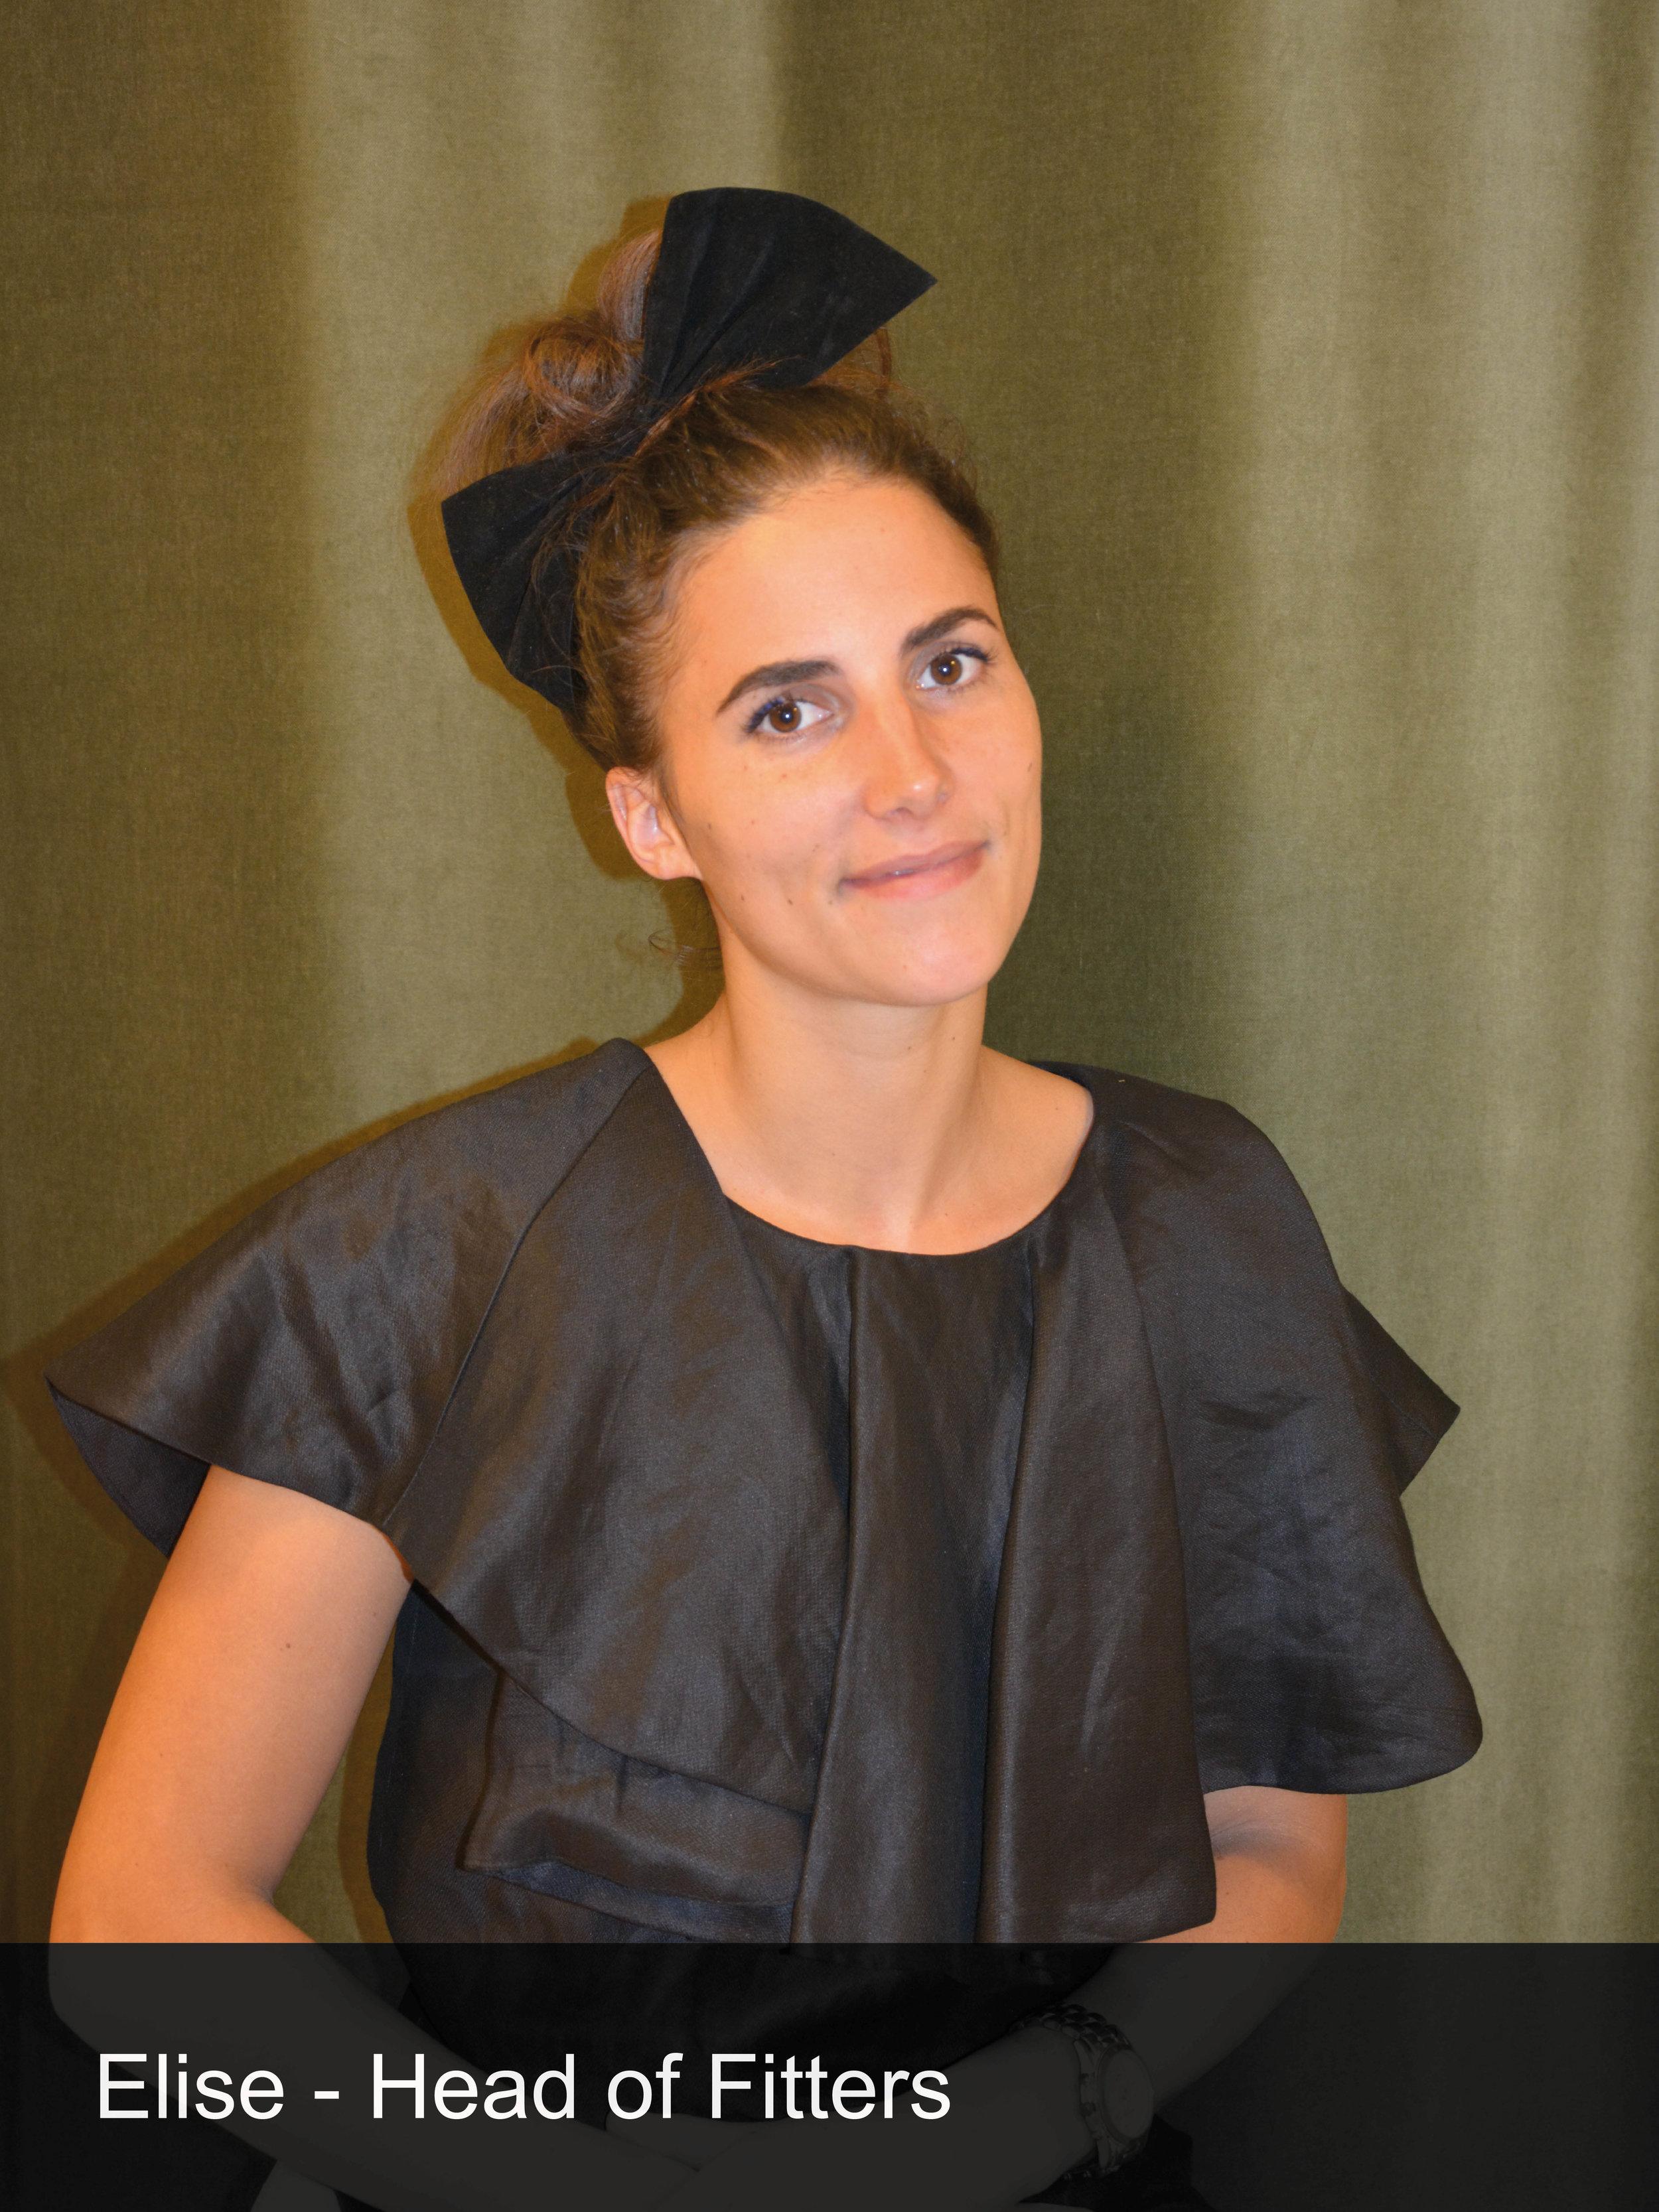 Elise head of fitters.jpg